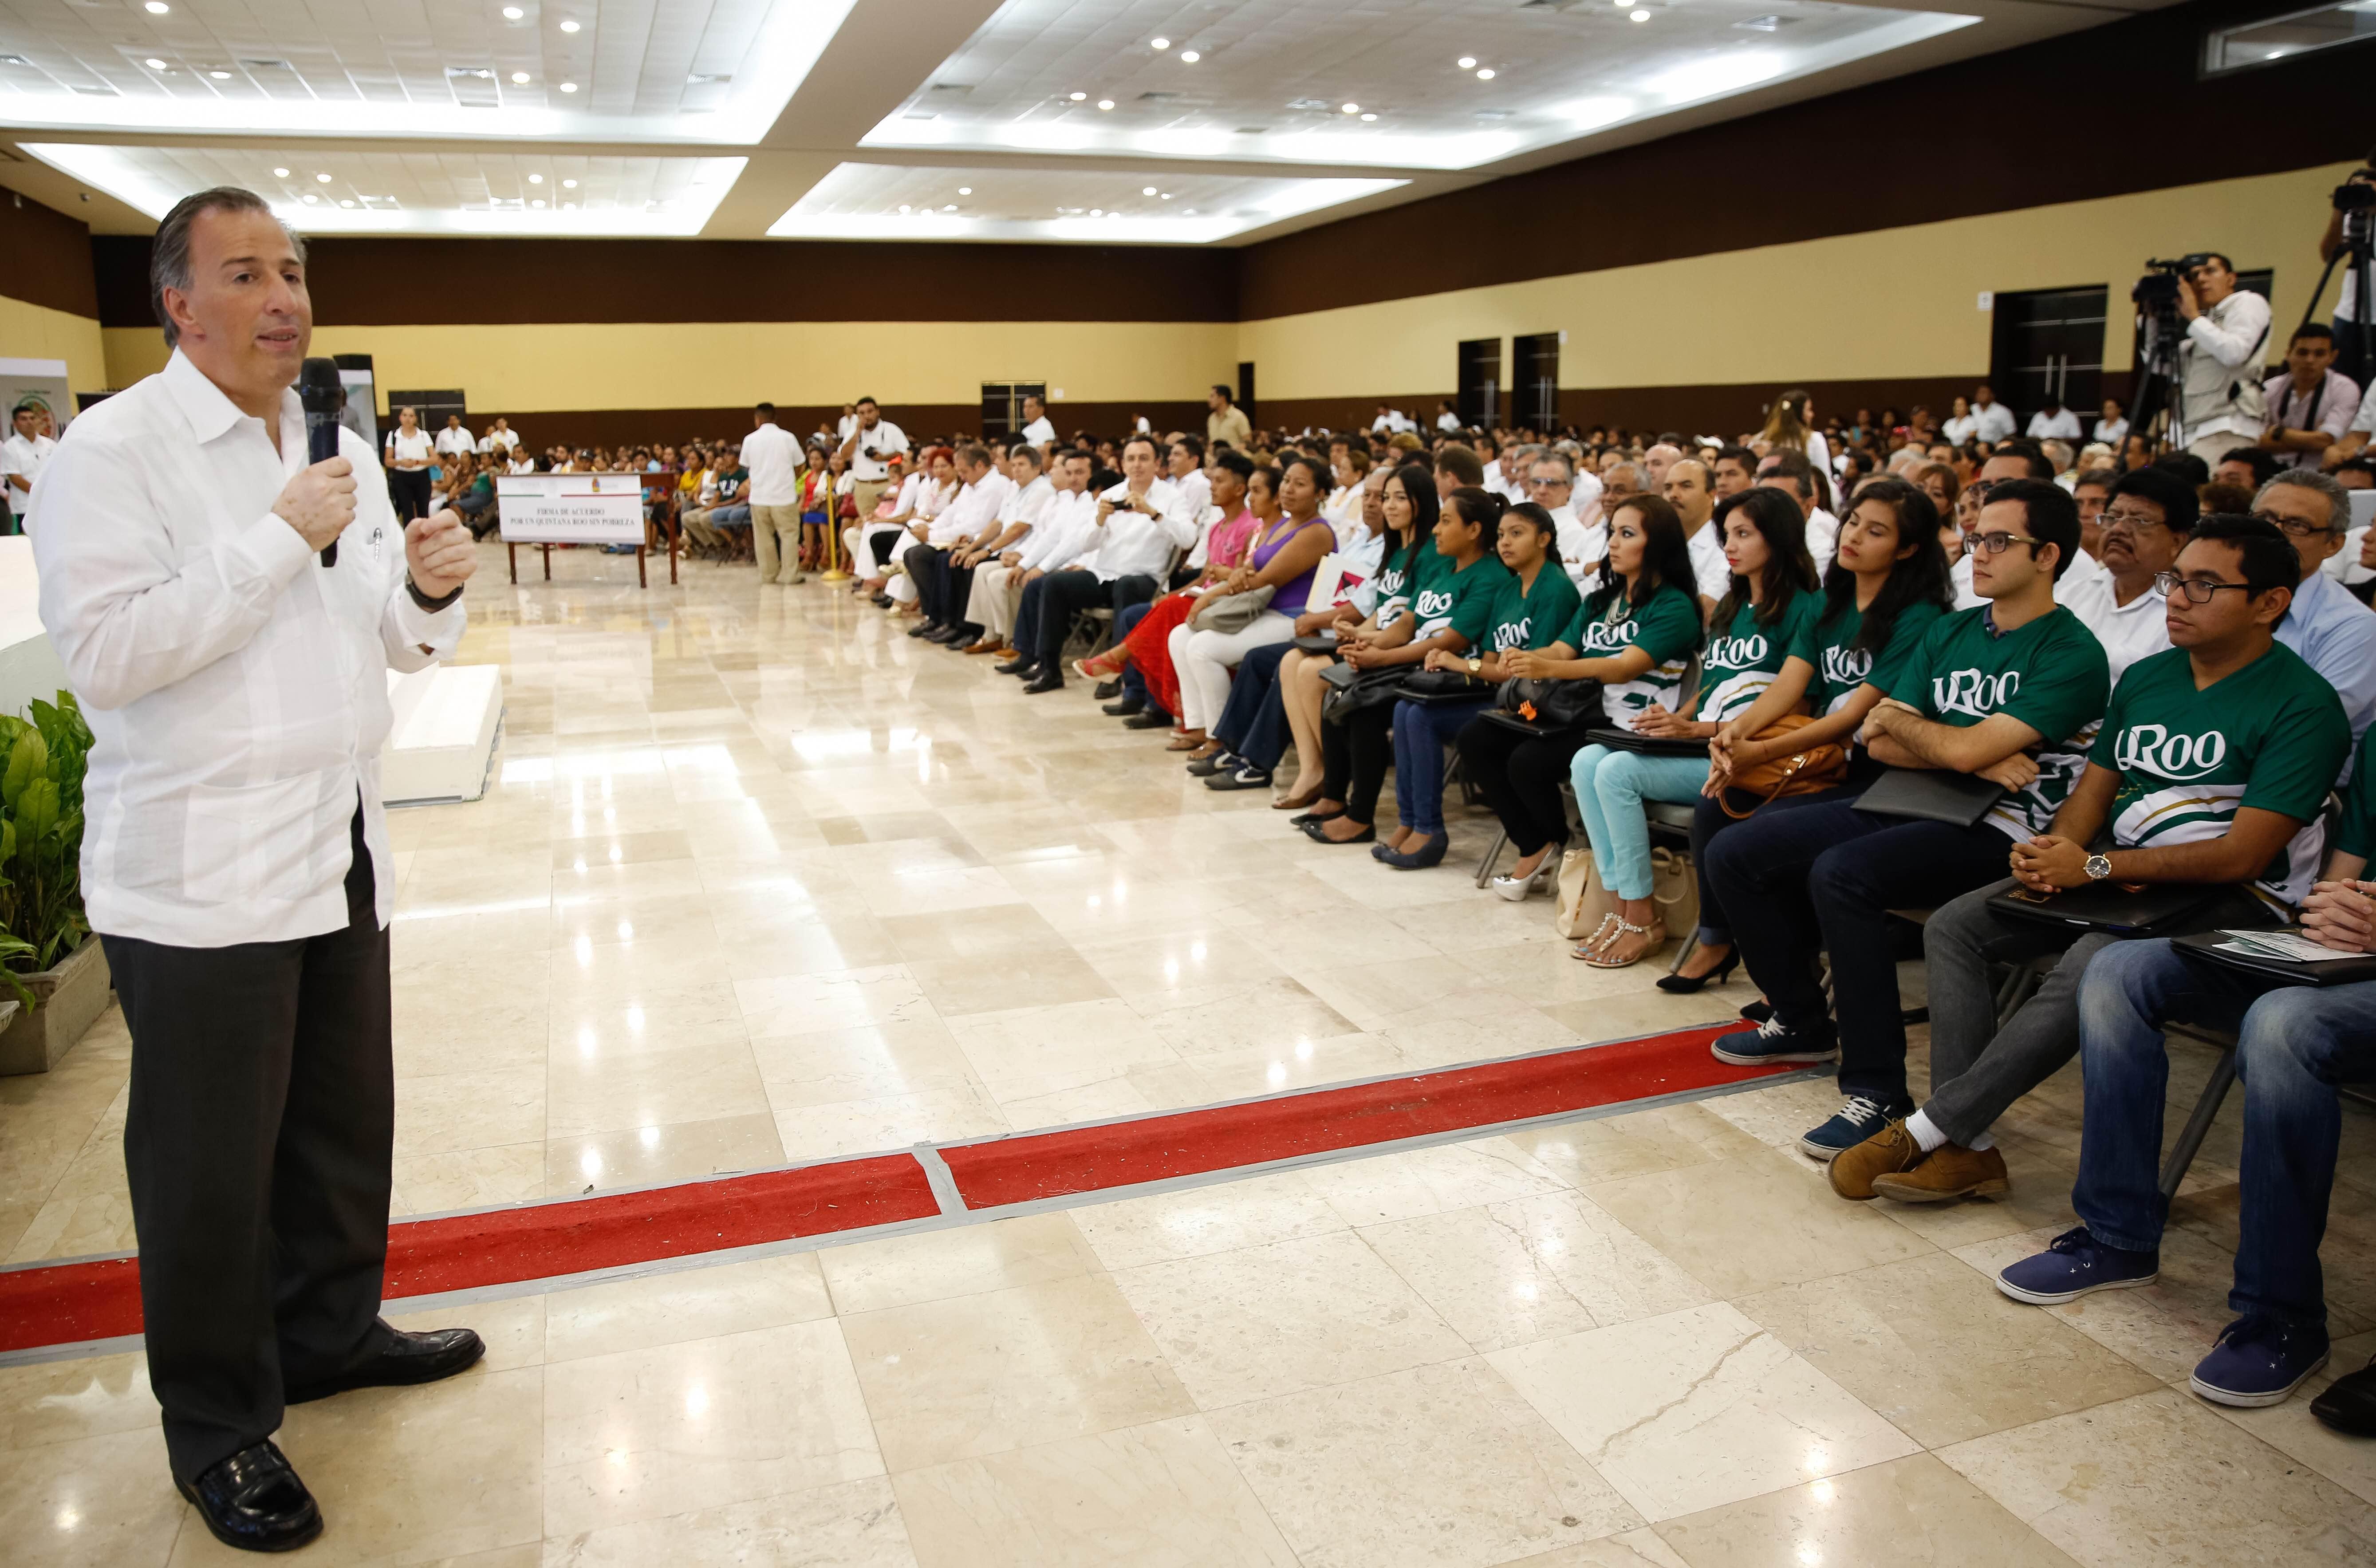 Mensaje del secretario de Desarrollo Social, José Antonio Meade Kuribreña, en el marco del anuncio de la entrega de 55 mil registros de afiliación al Seguro Social a estudiantes